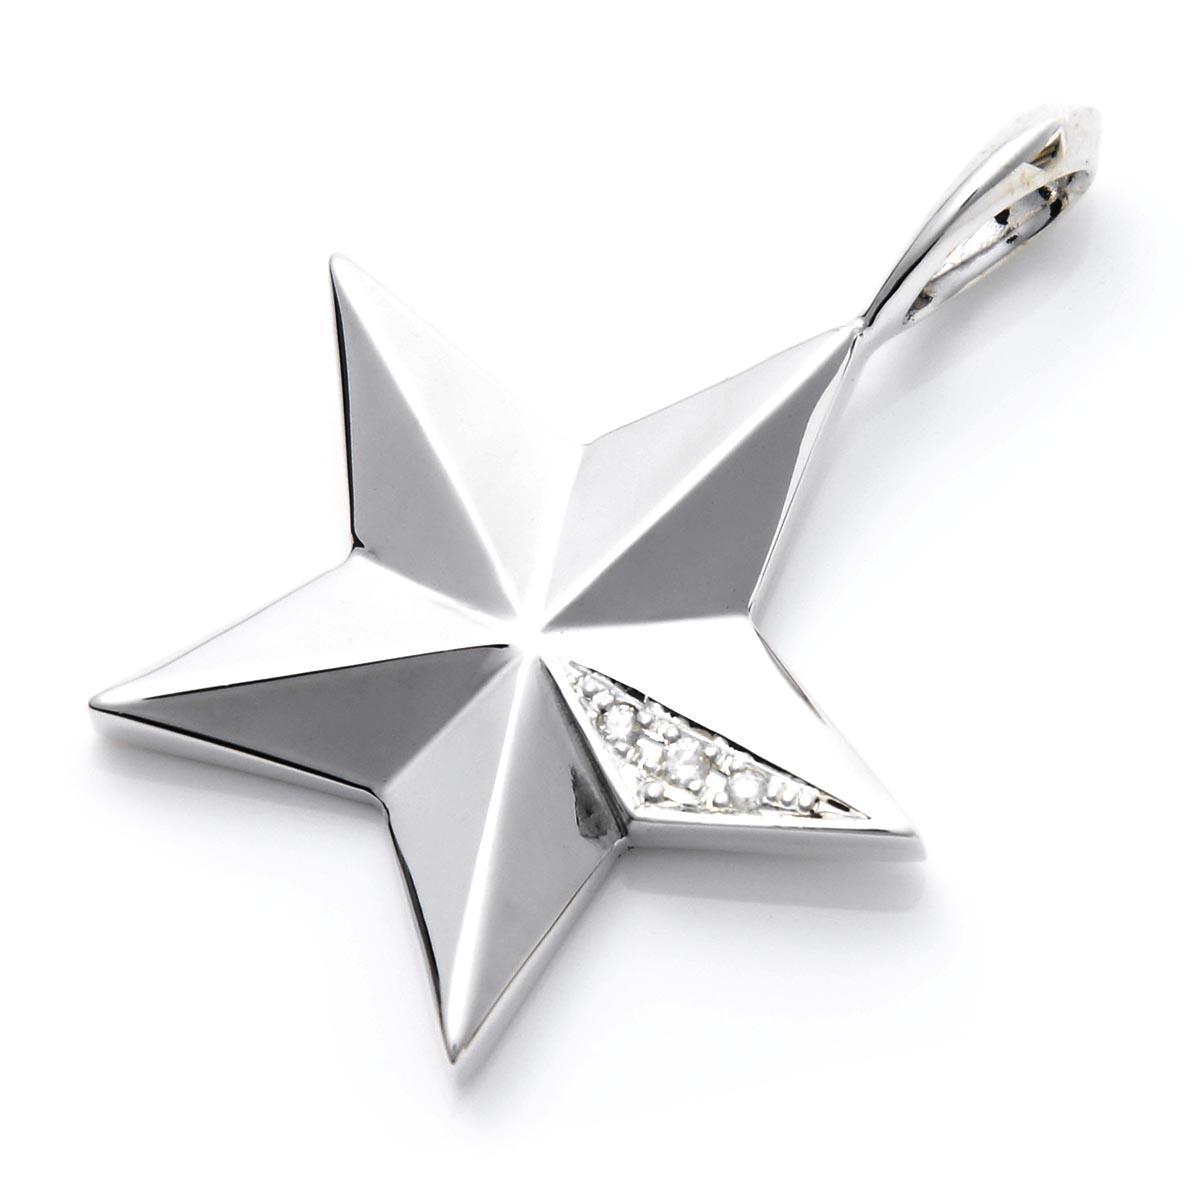 ガーデル GARDEL ペンダント シルバー メンズ レディース アクセサリ ギフト プレゼント クリスマス クリスマスプレゼント gdp 122 silver dia CLASSIC STAR PENDANT【返品交換不可】【ラッピング無料】【190116】